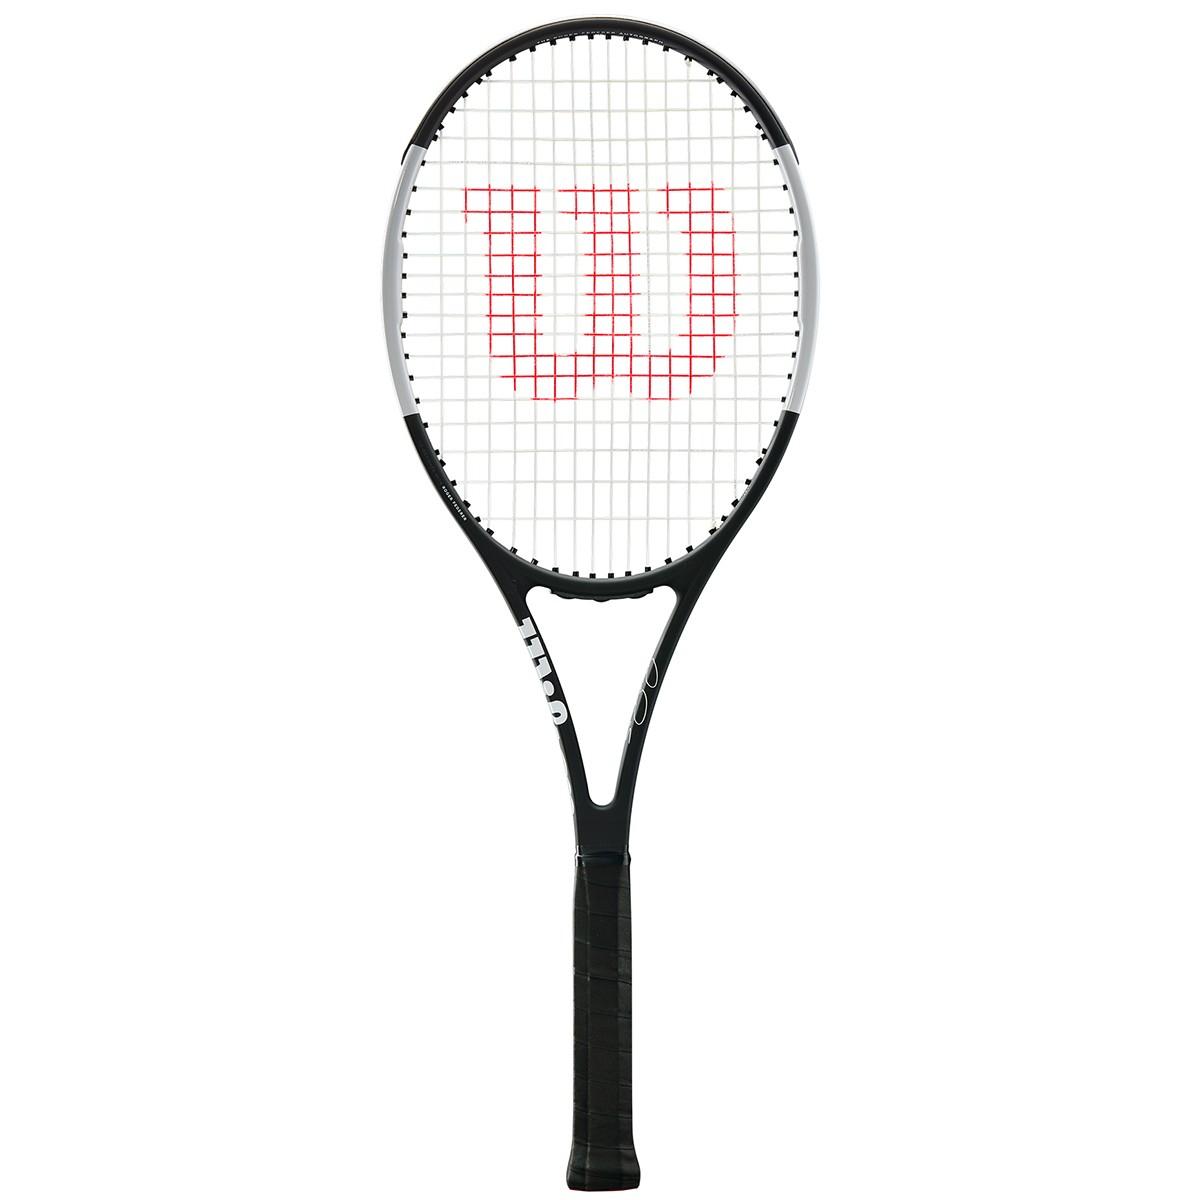 Raquette de Tennis WILSON PRO STAFF RF 97 Autograph (340 GR) - tennispro.fr